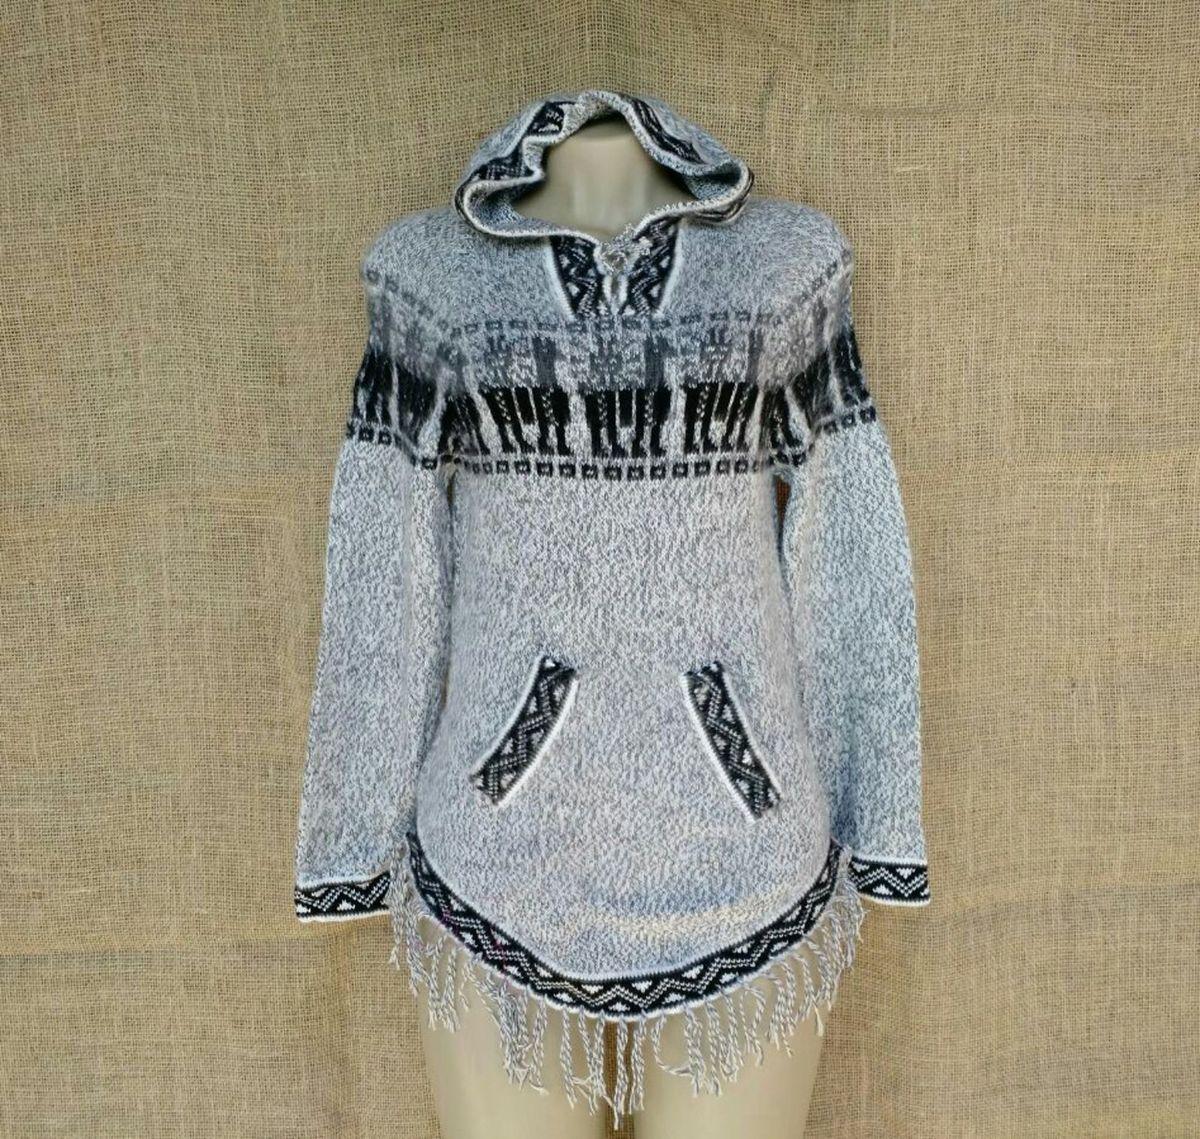 agasalho peruano feminino shakira étnico lhama - casaquinhos sem-marca b604ecdc72e7